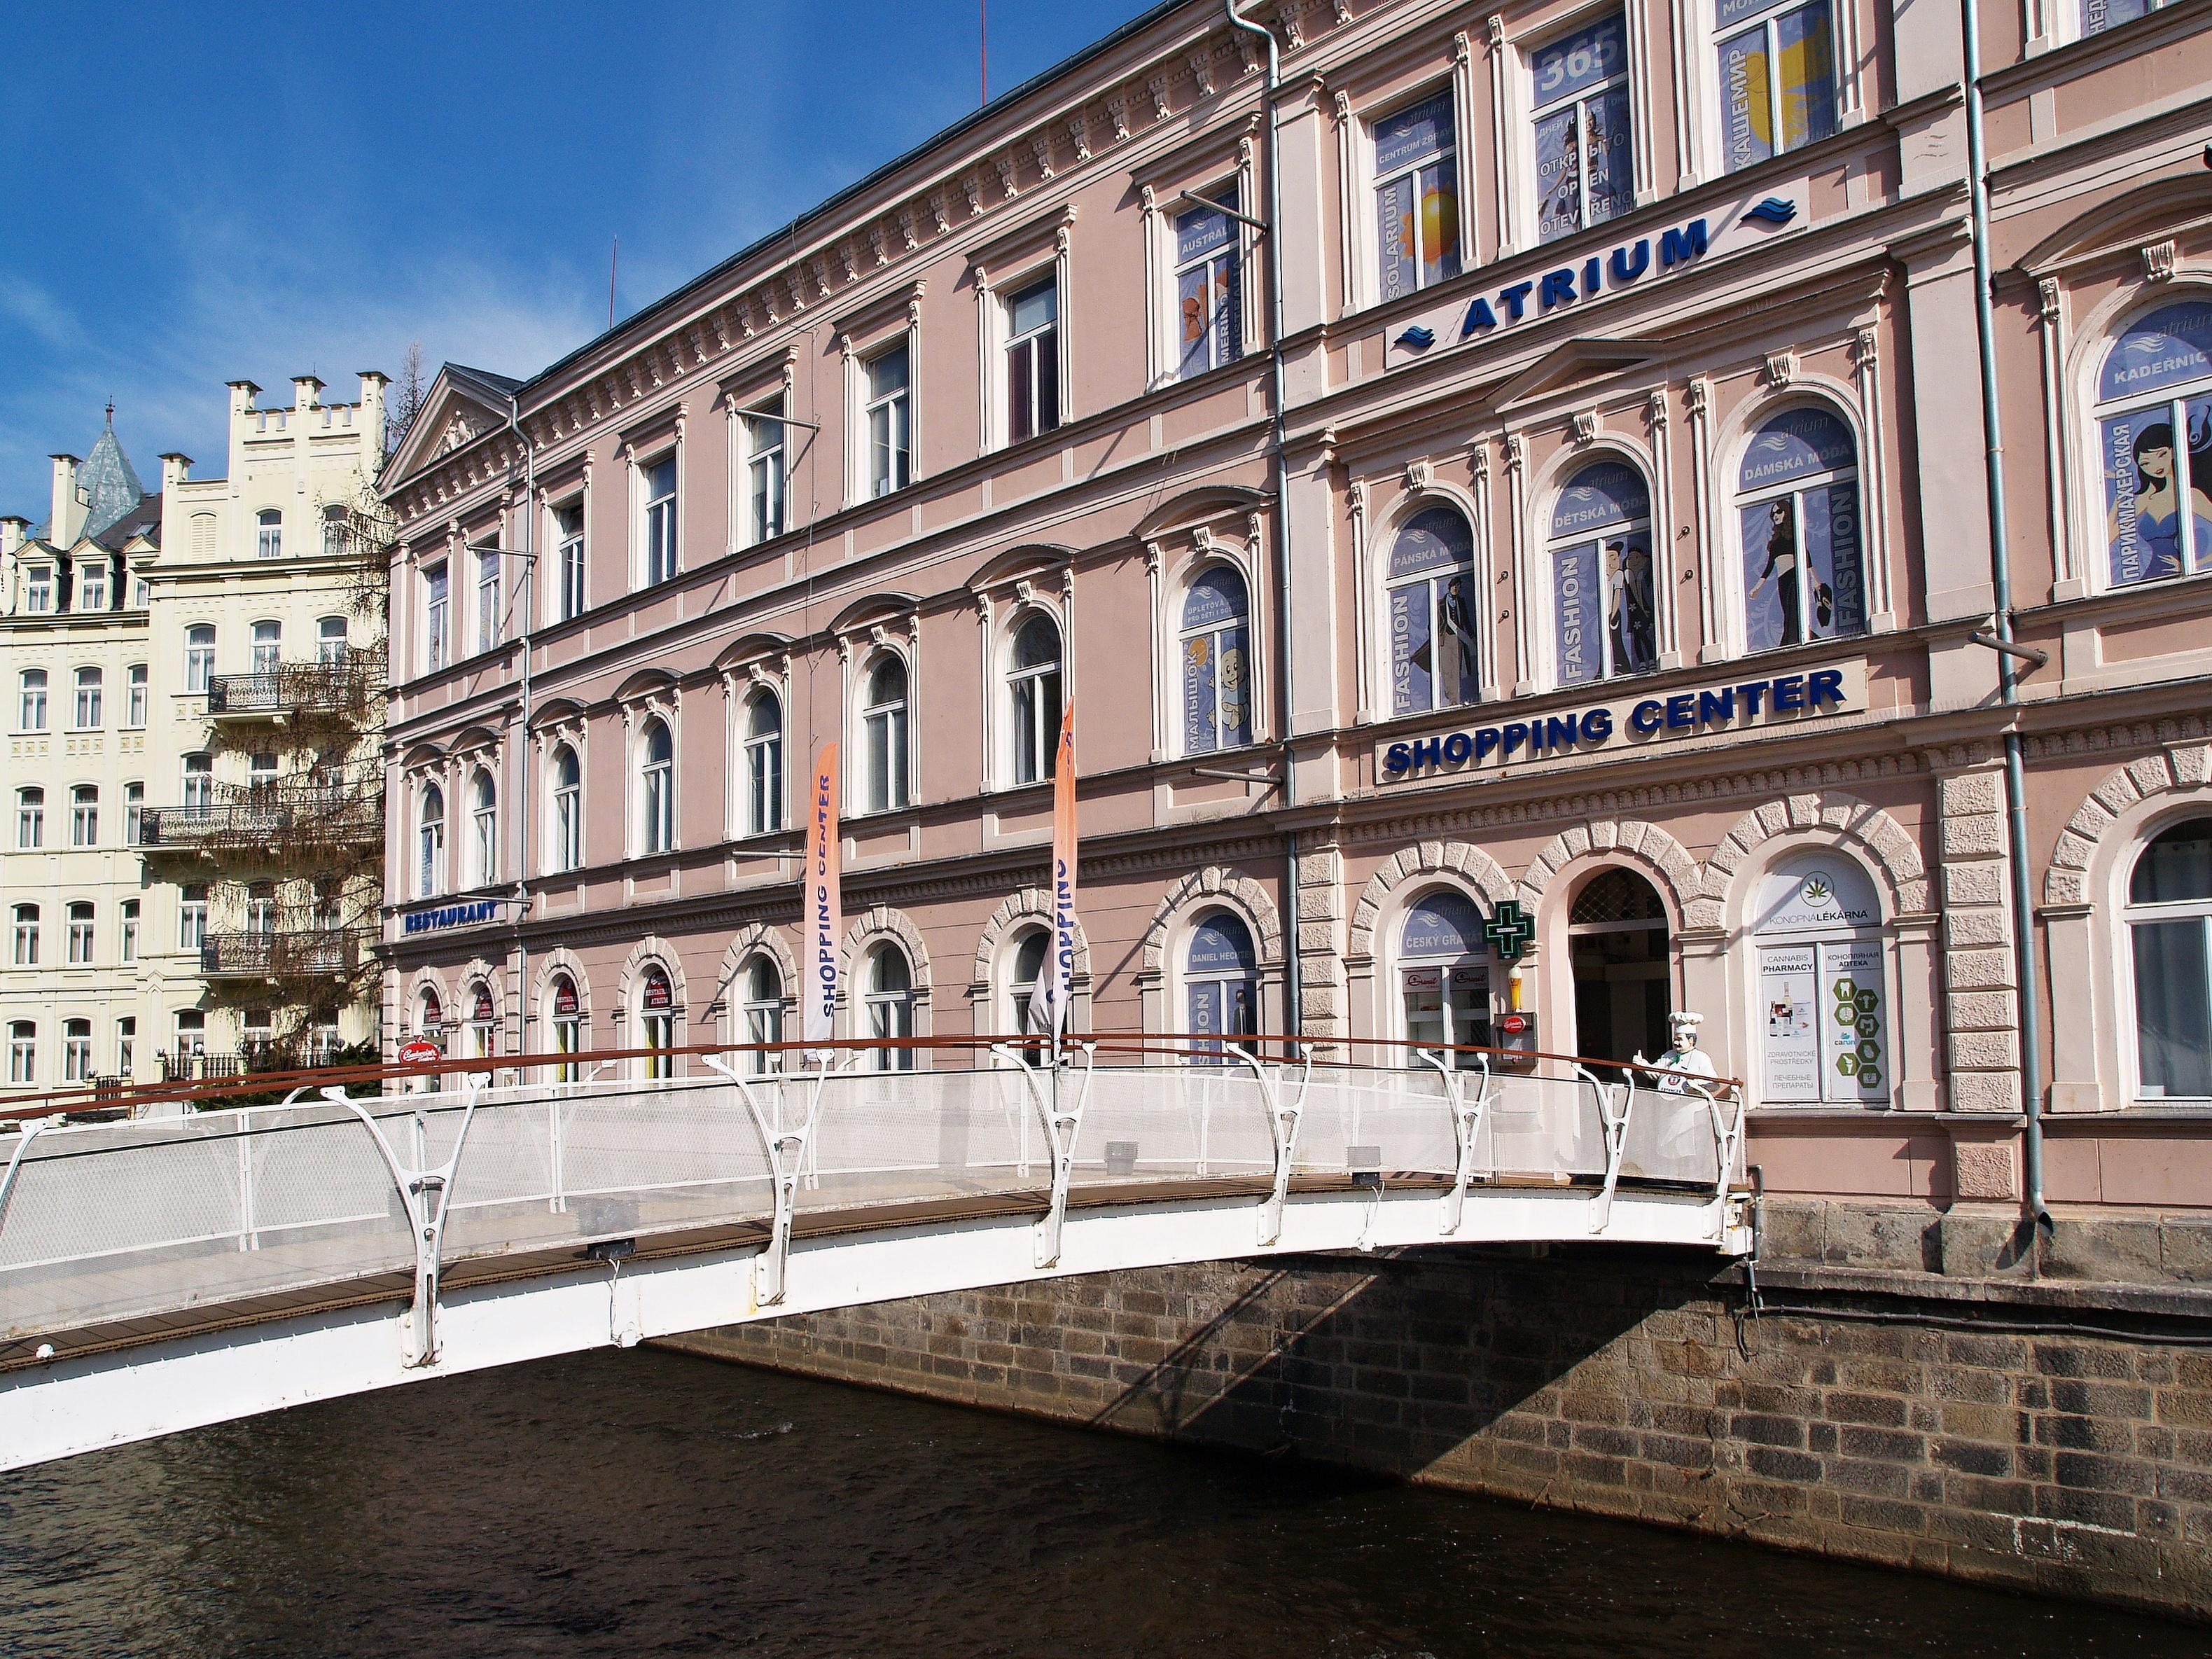 Vchod přes most nad řekou do Atria